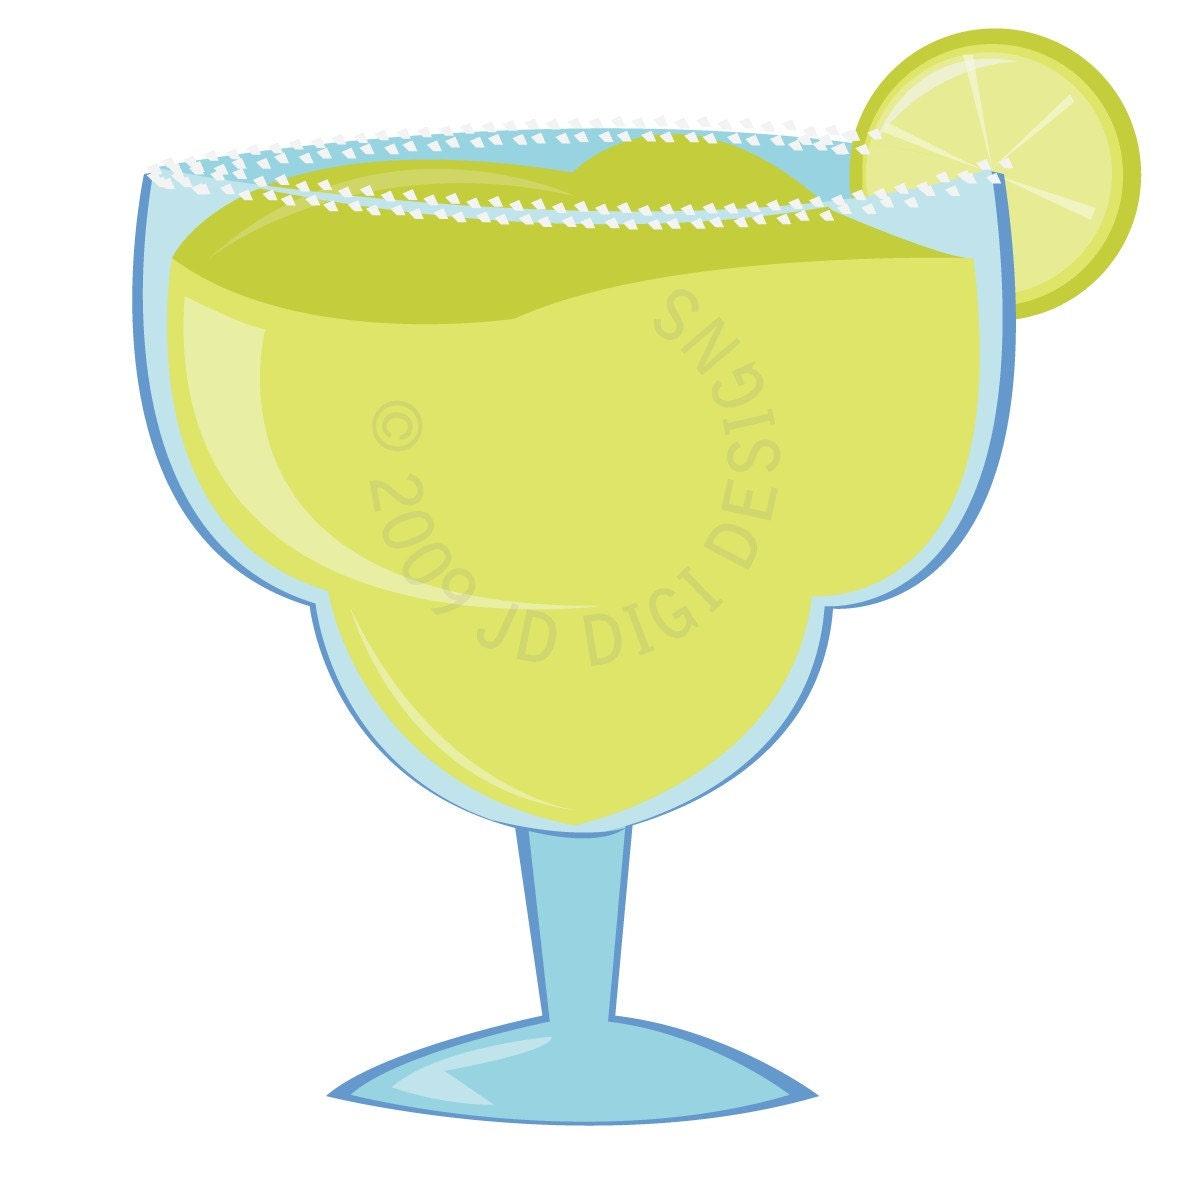 Margarita Clip Art